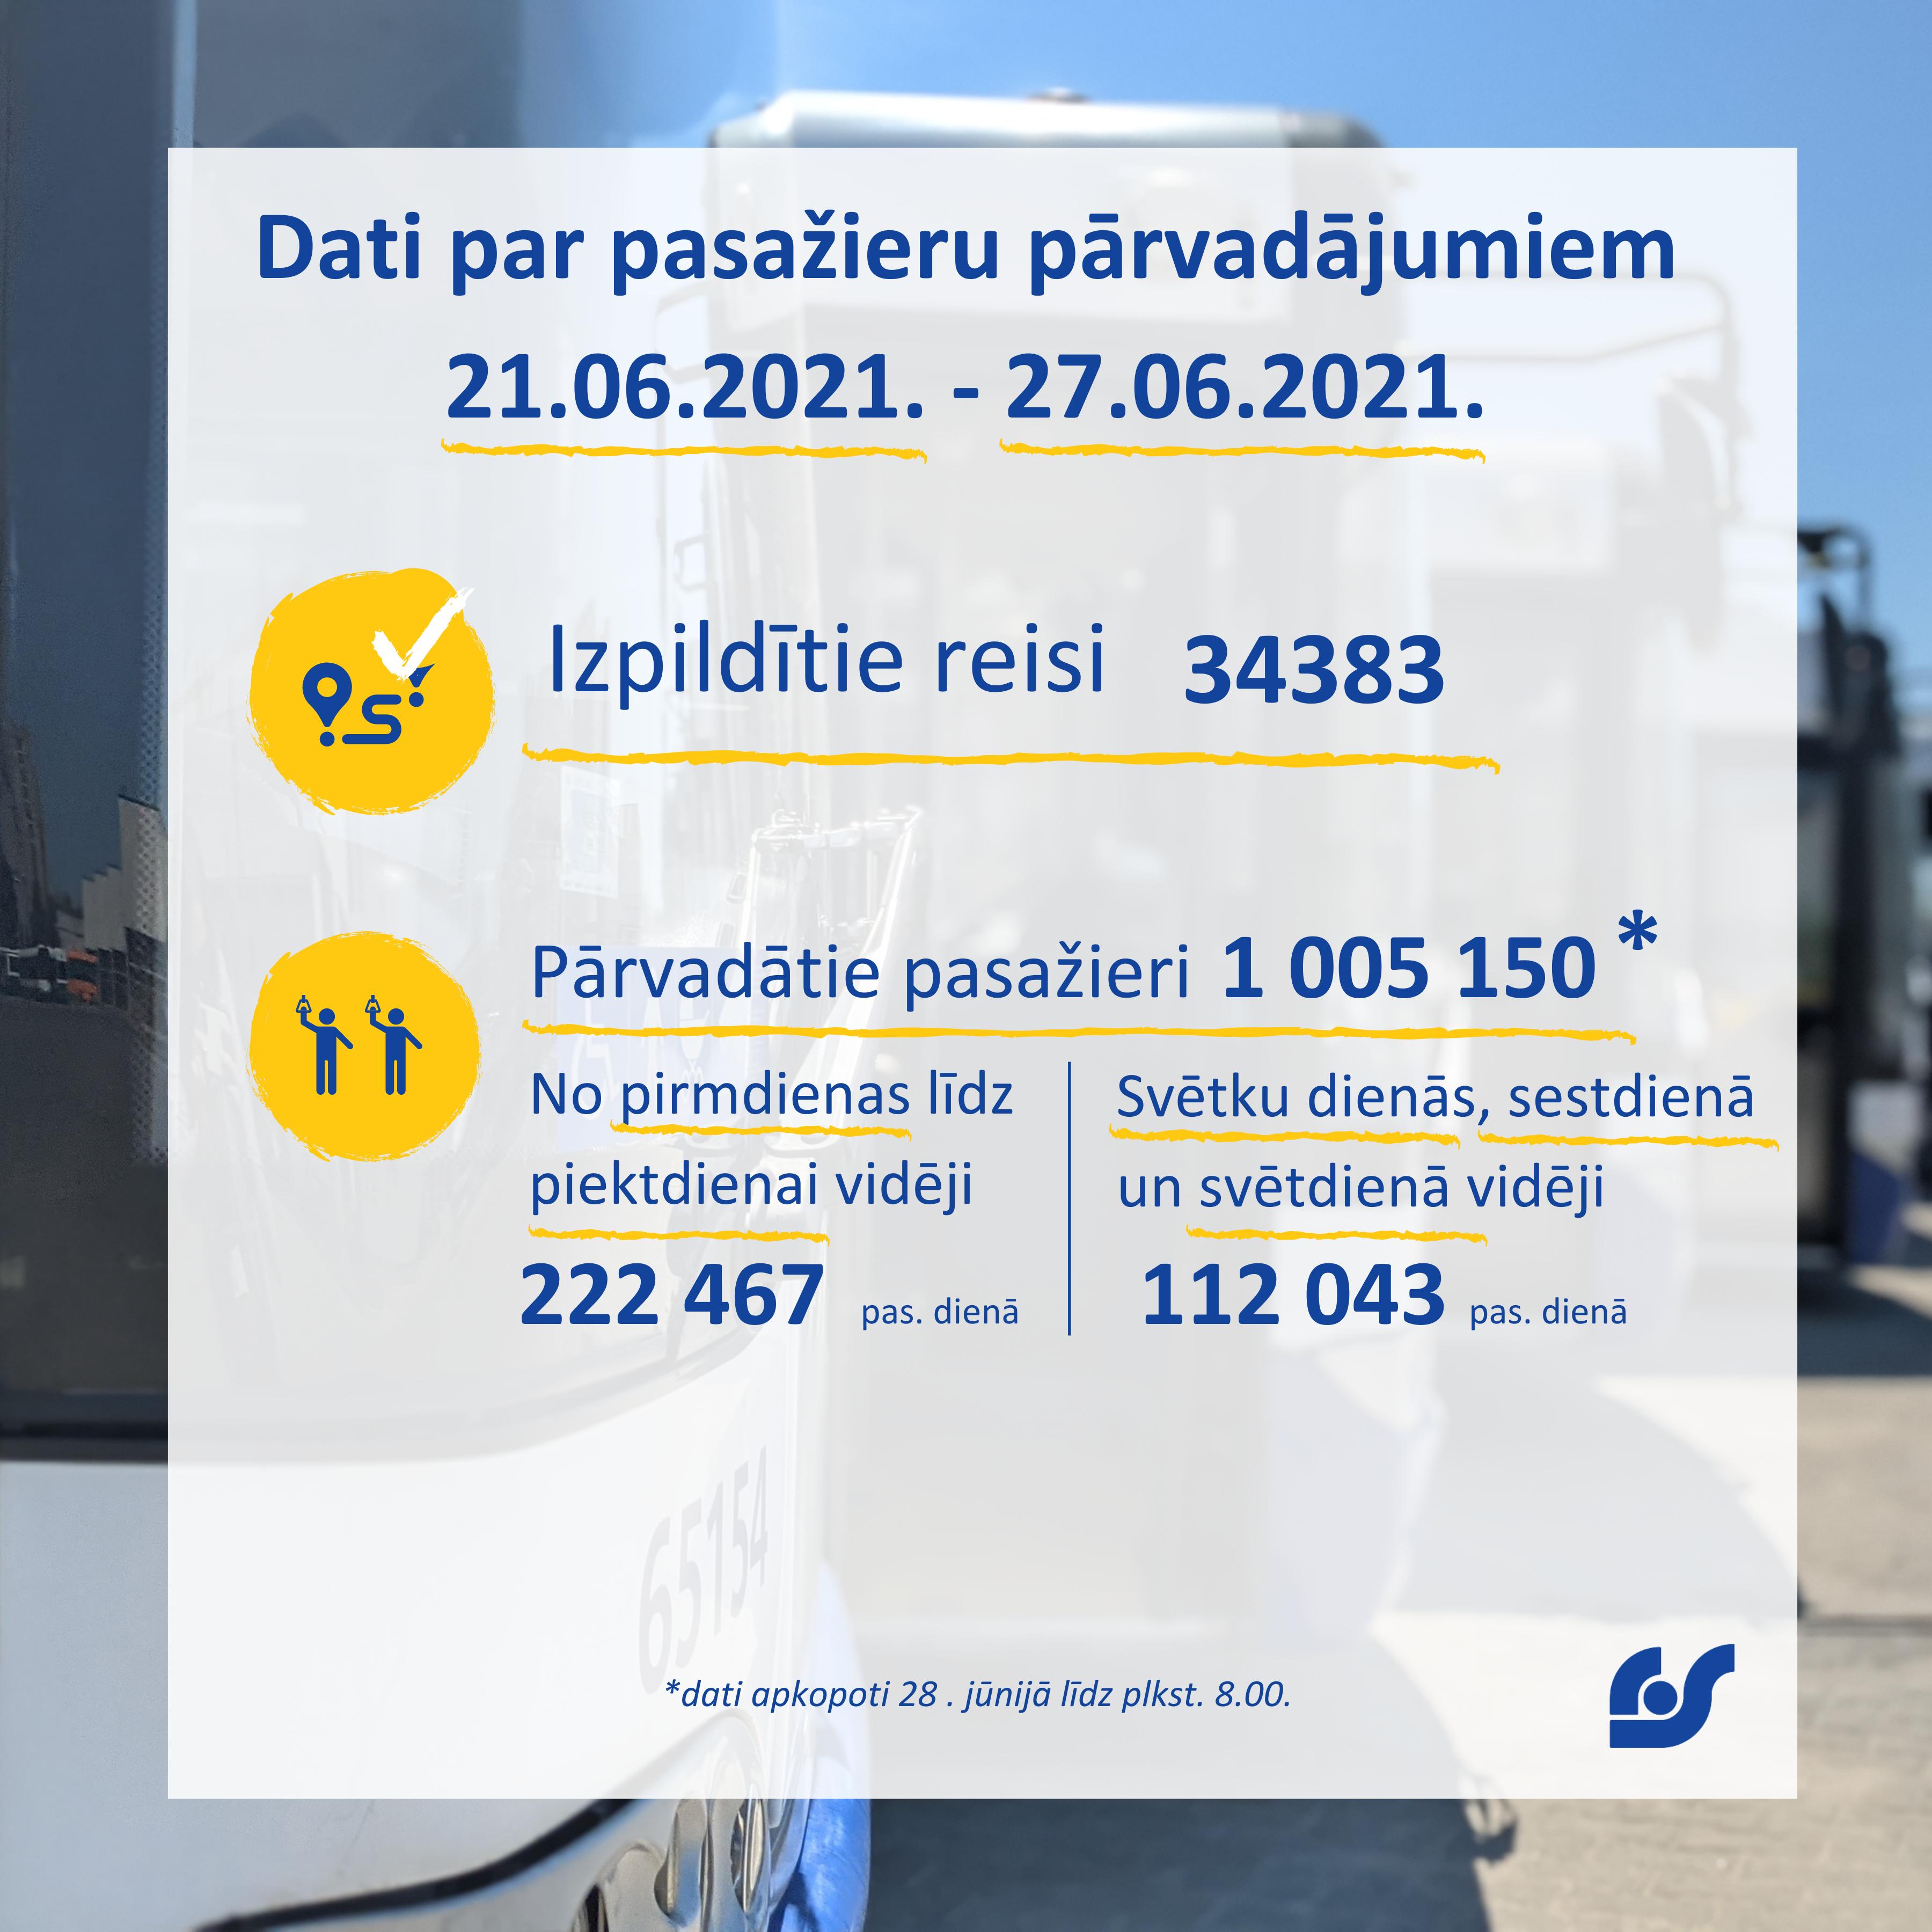 Dati par pasažieru pārvadājumiem (7).png